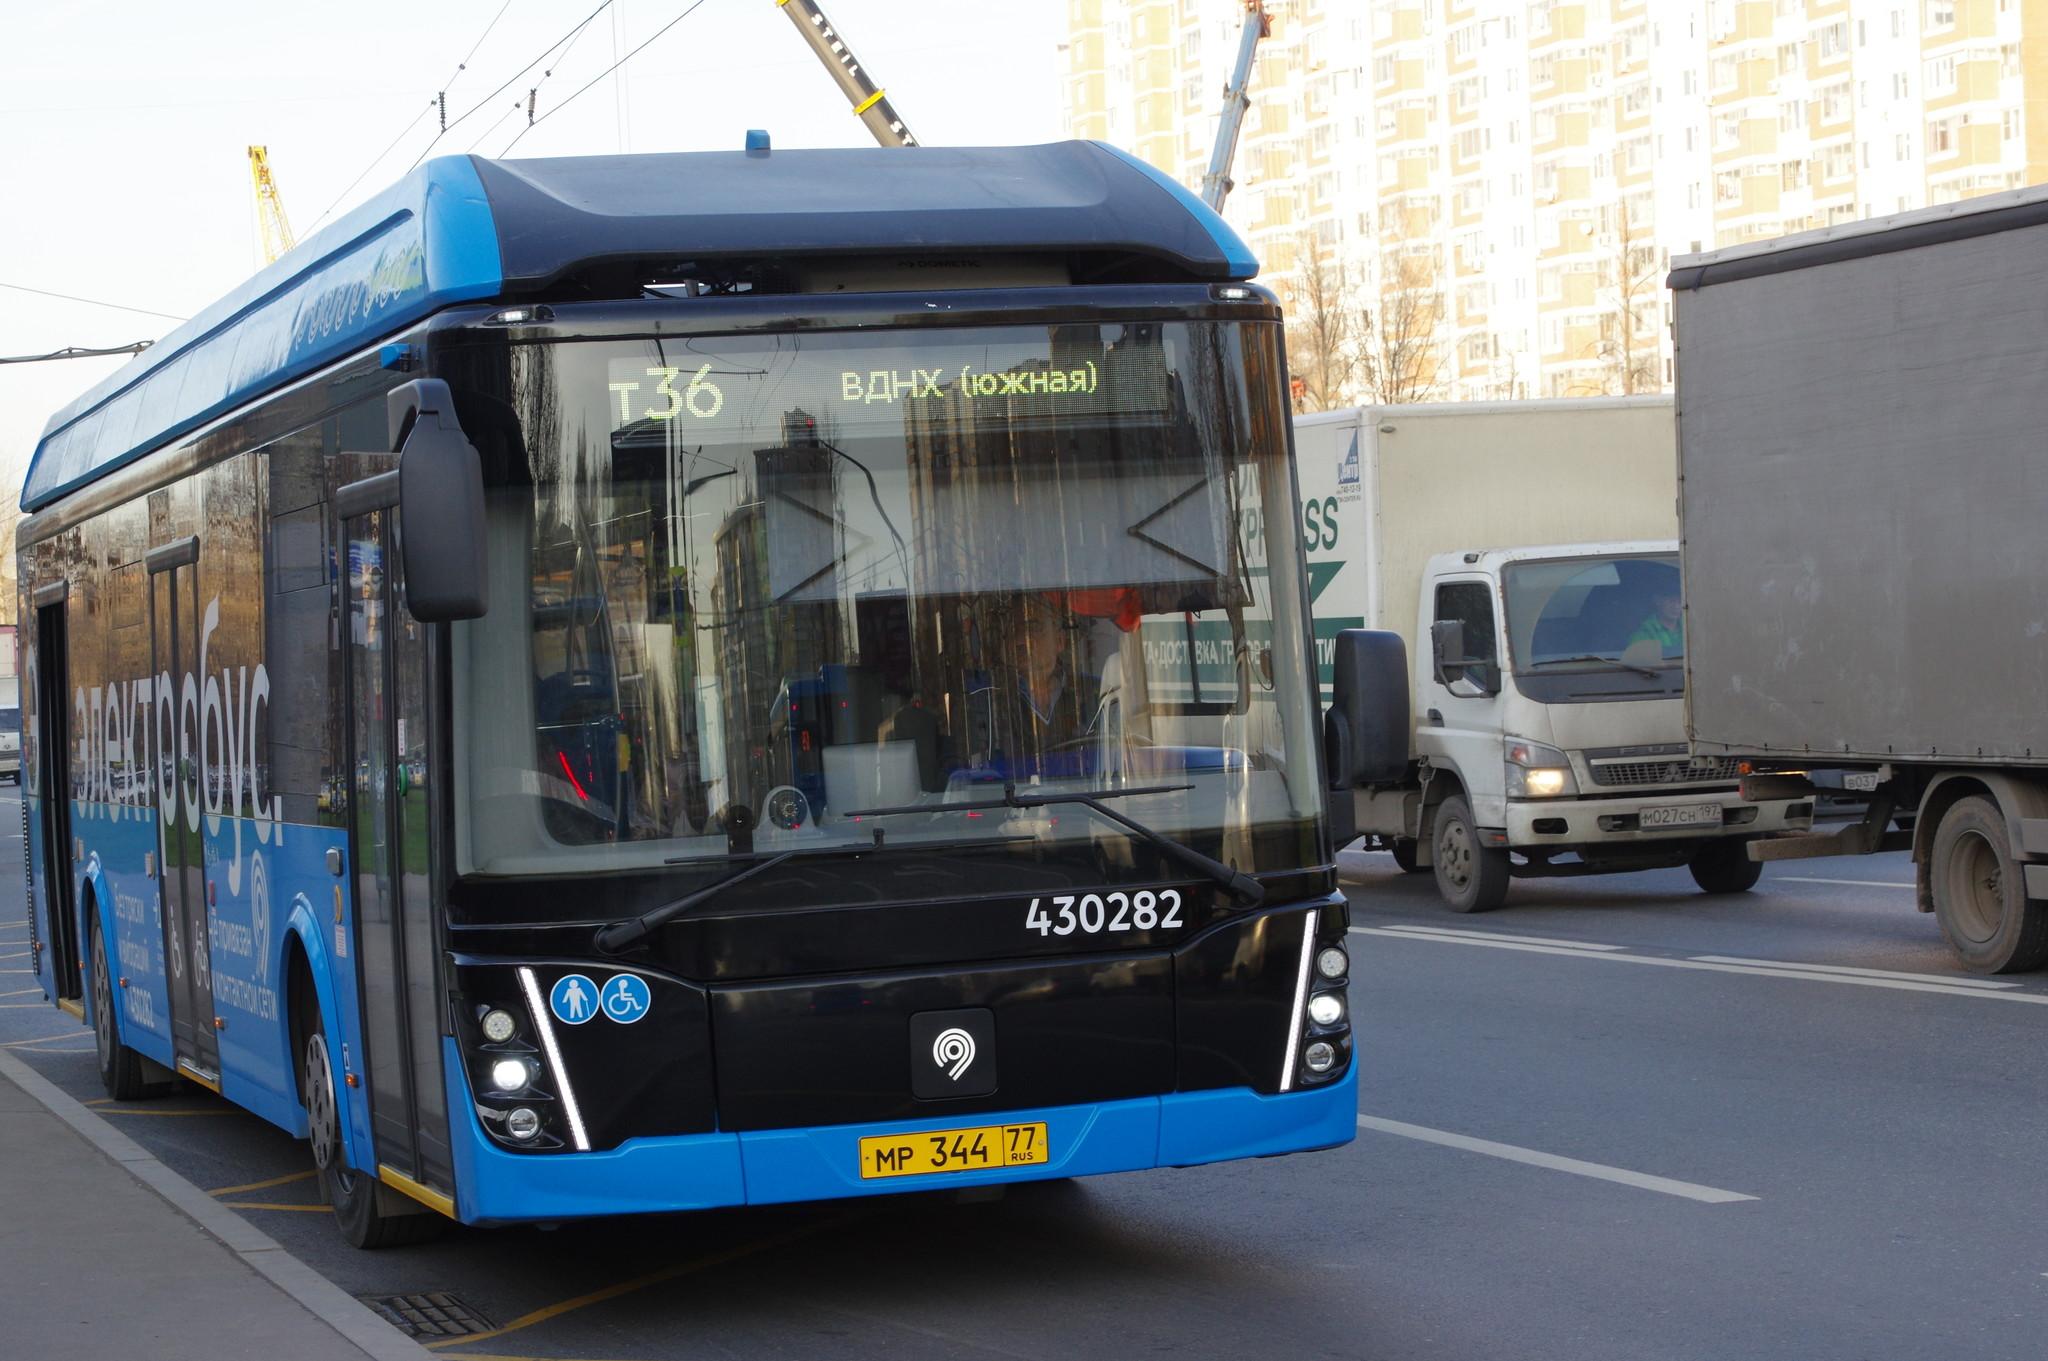 Электробус ЛиАЗ-6274 с б/н 430282 на маршруте № т36